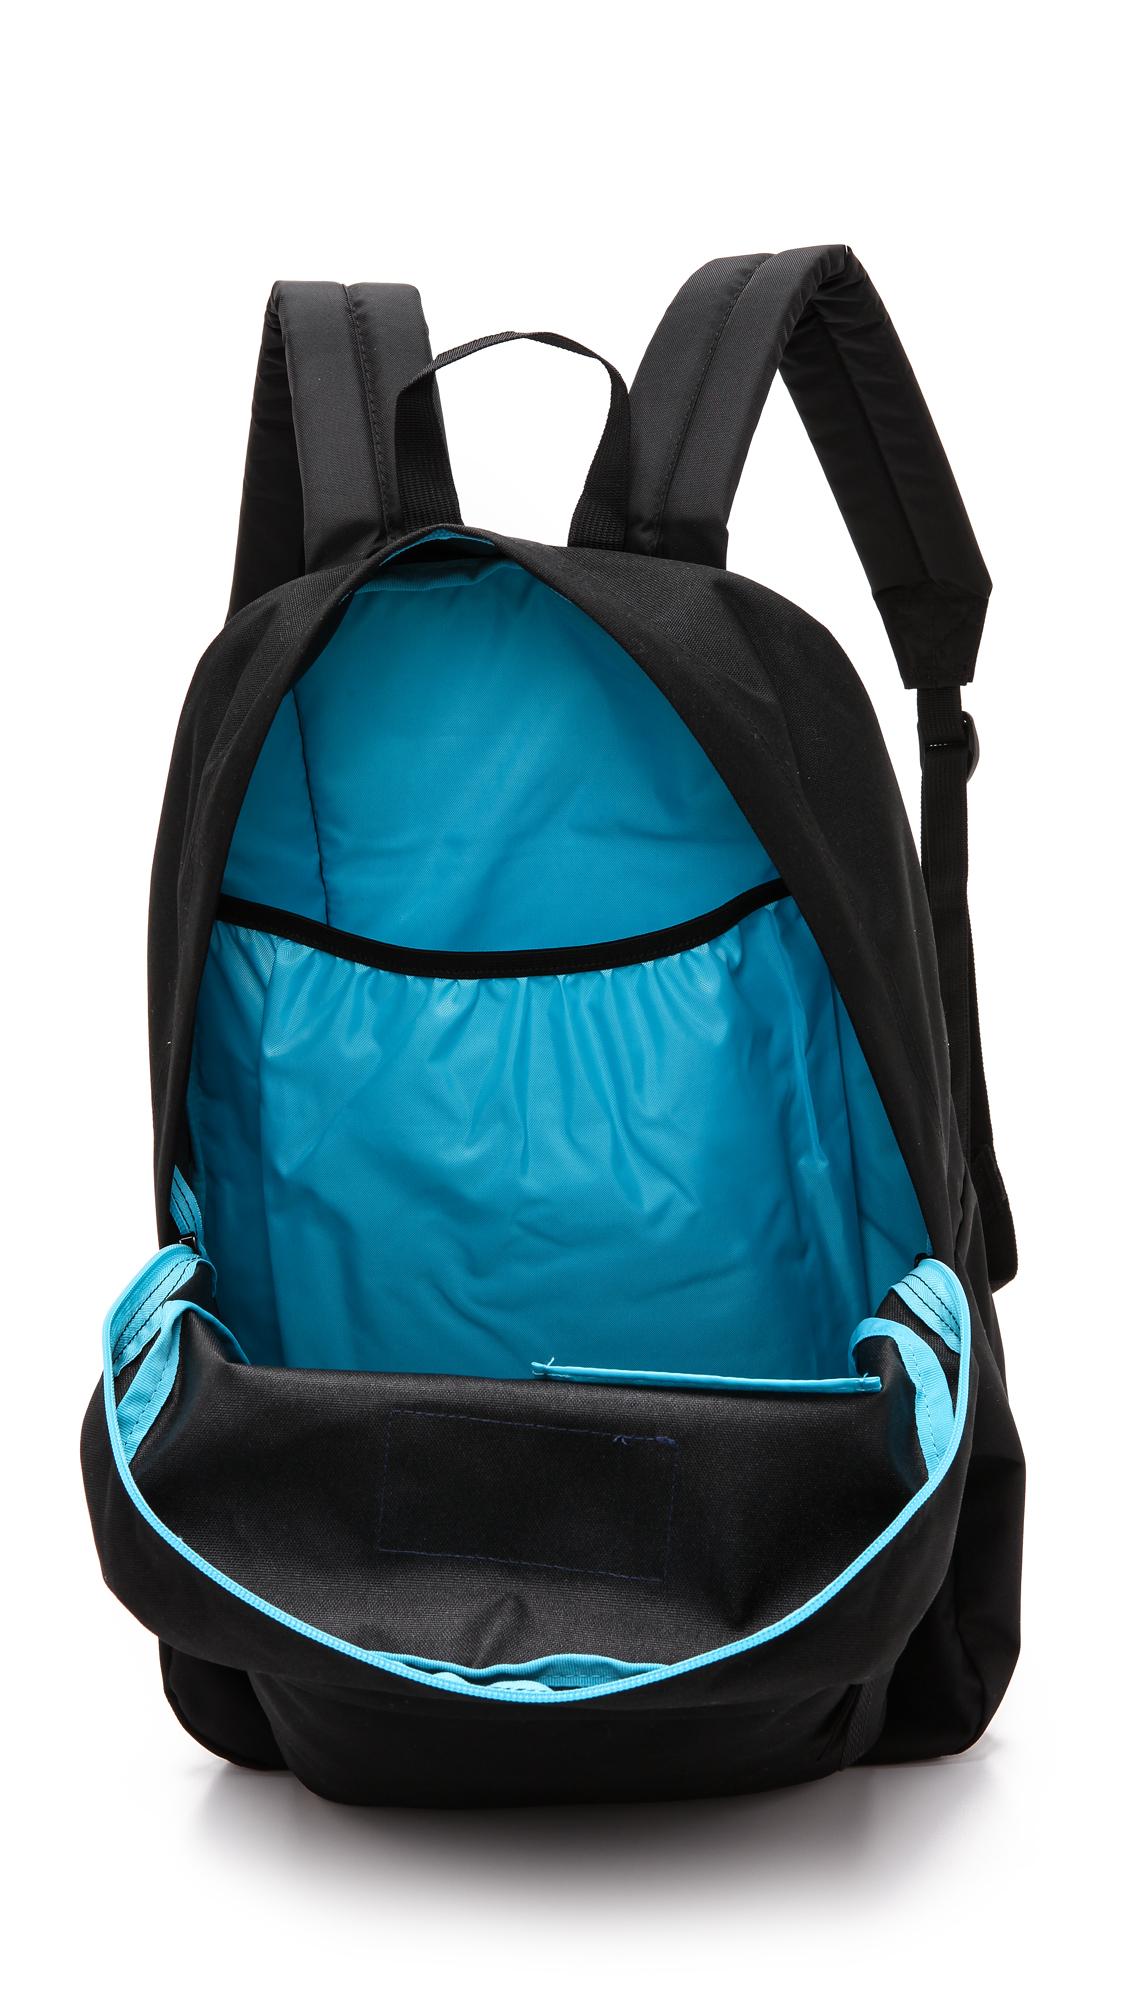 Lyst Jansport Digital Digibreak Backpack Black In Black